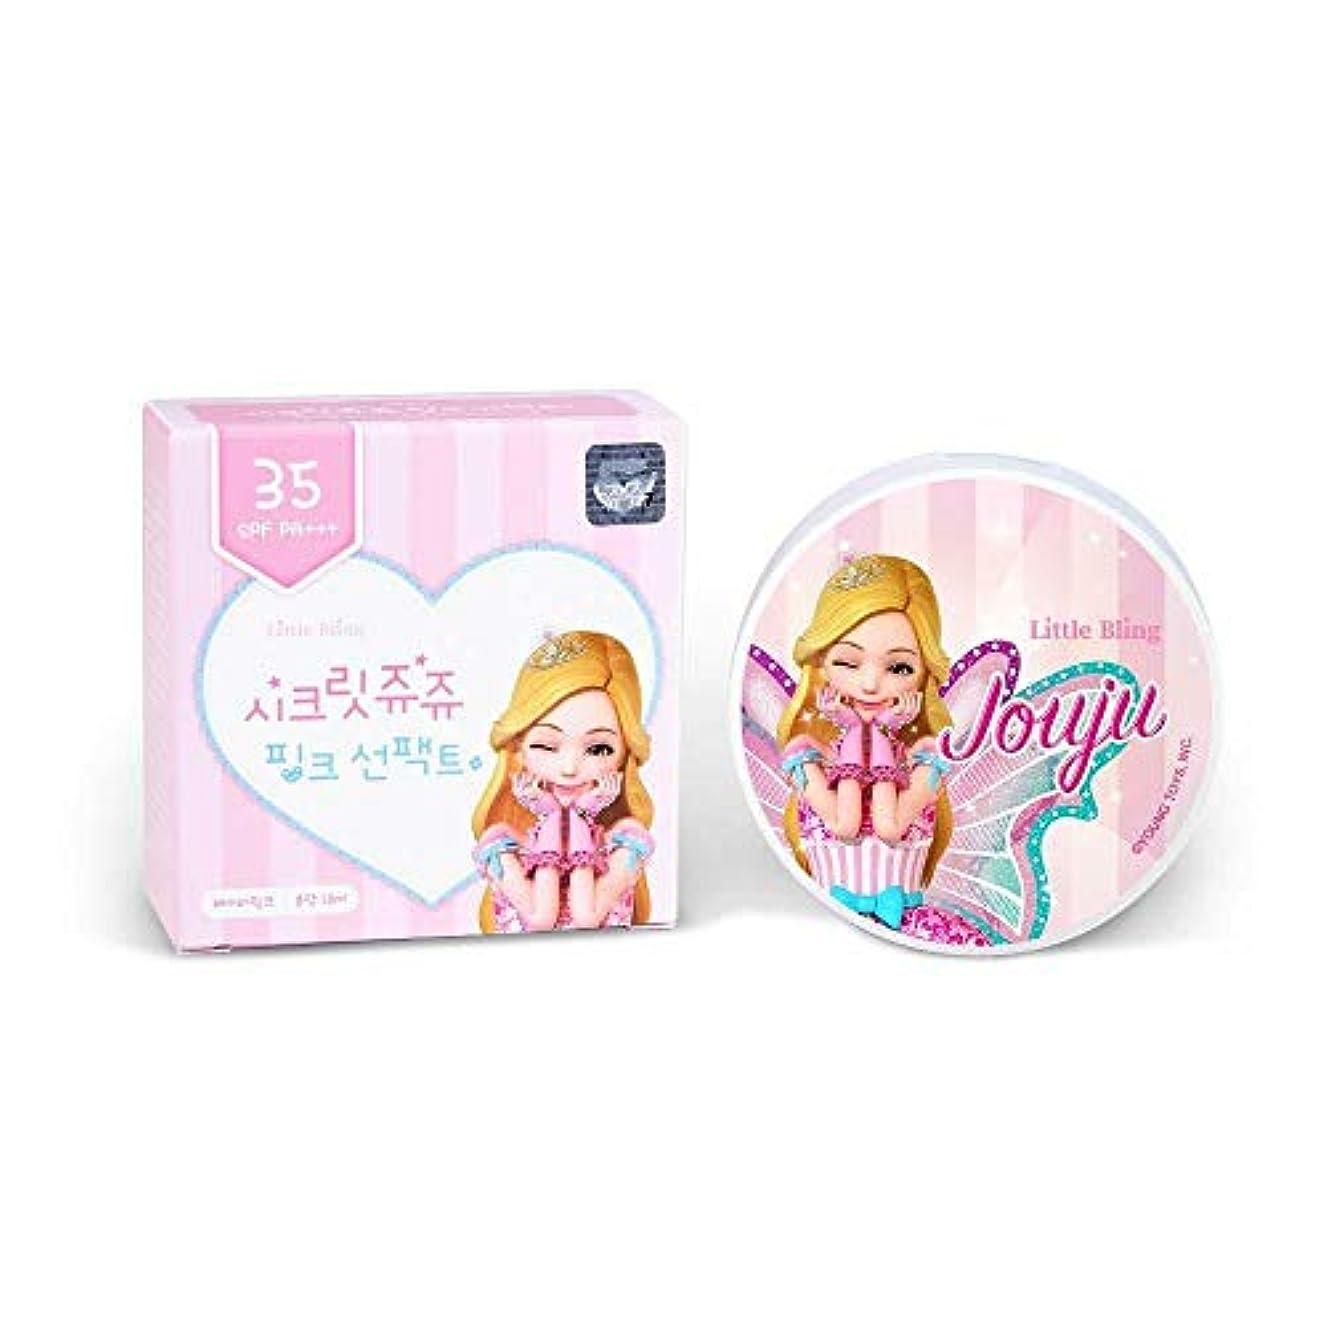 流用する苦行かもしれないLittle Bling Secret Jouju Pink Sun Pact ピンク サンパクト SPF35 PA+++ 韓国日焼け止め